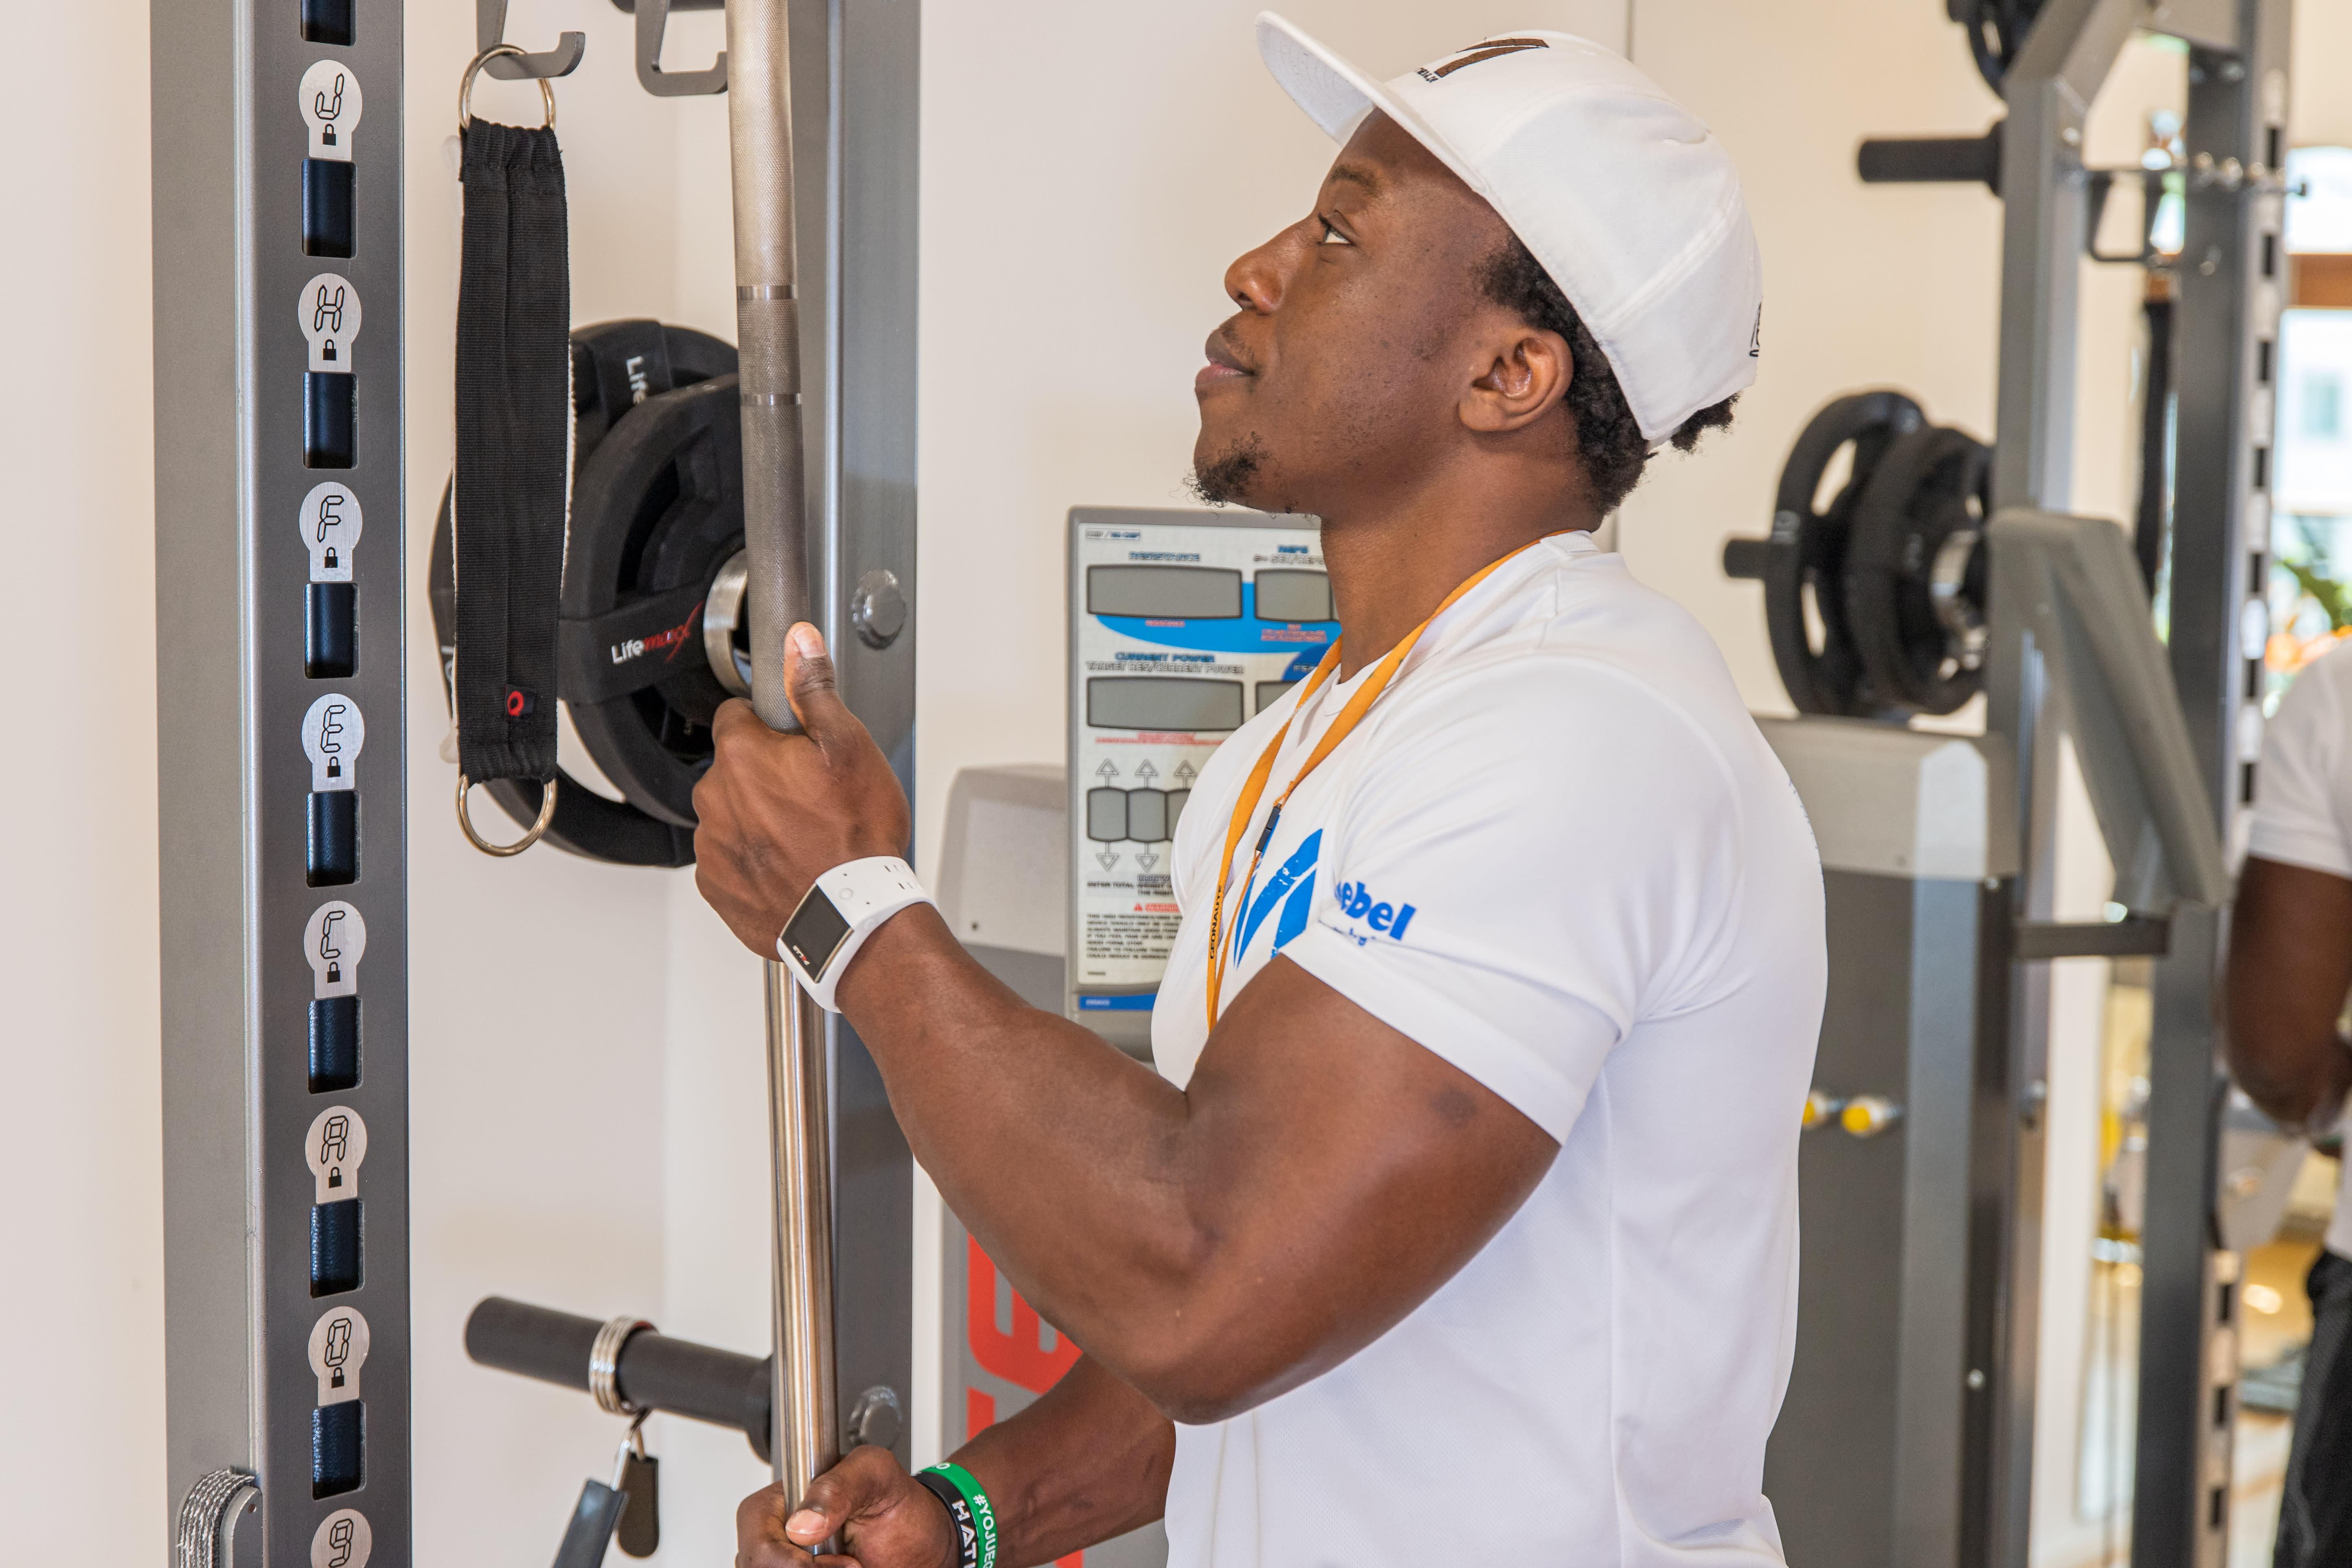 Personal Trainer Fitnessgerät einstellen